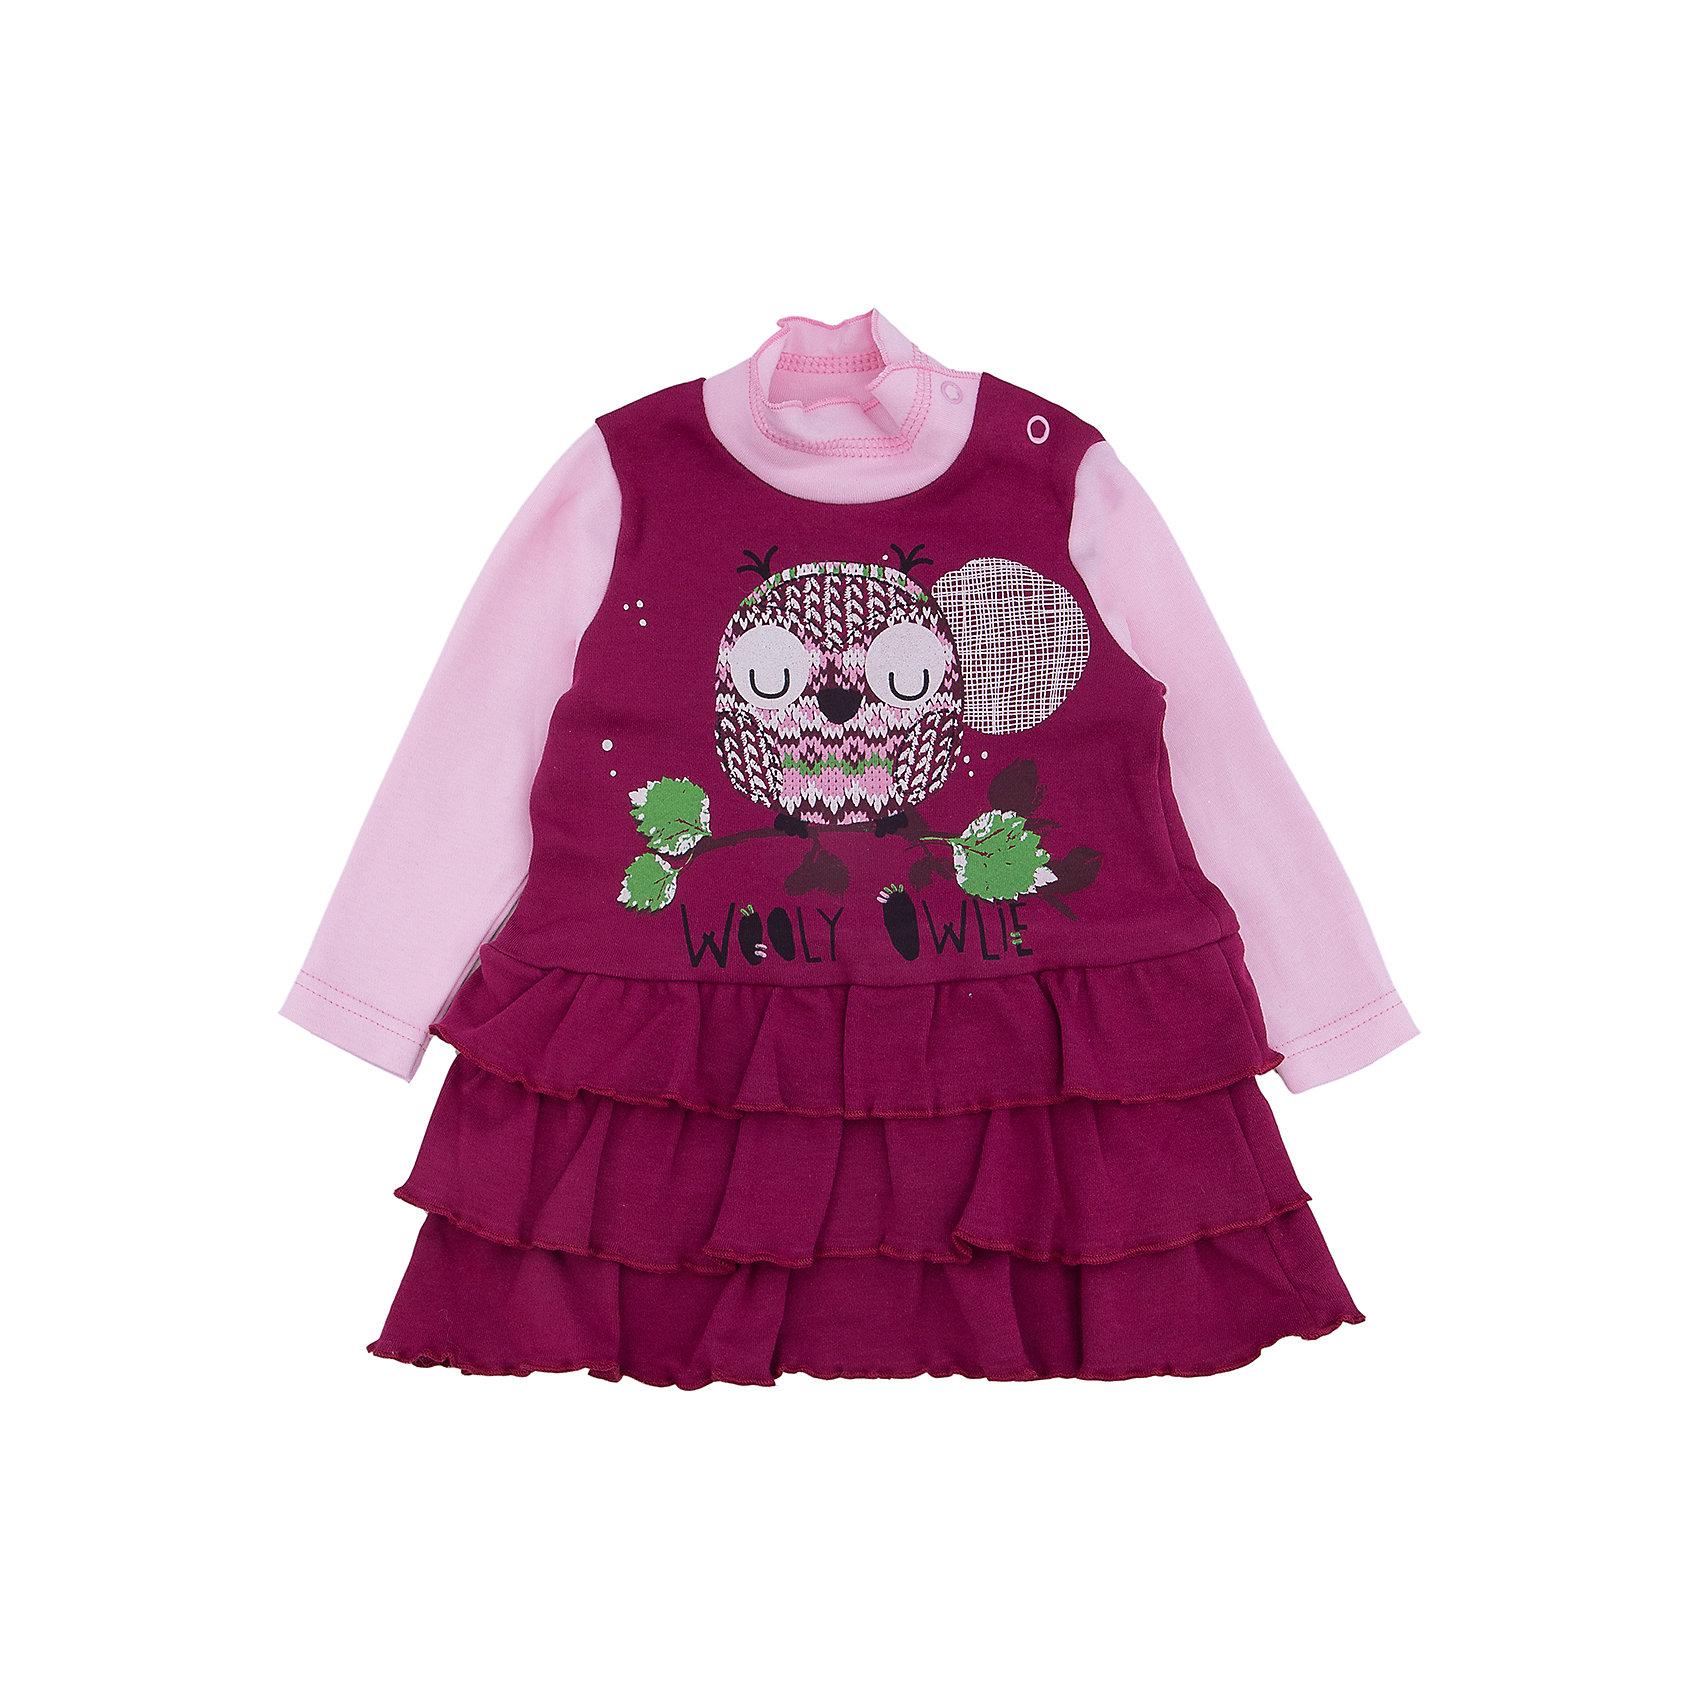 Платье для девочки АпрельПлатья<br>Платье для девочки Апрель.<br><br>Характеристики:<br><br>• состав: 100% хлопок<br>• цвет: розовый<br><br>Платье Апрель превратит девочку в настоящую принцессу. Его подол украшен рюшами, что создает эффект объема. Верх платья декорирован вышивкой со спящей совой. Рукава и ворот платья намного светлее верха и подола. Такая контрастная расцветка делает платье еще привлекательнее. Платье изготовлено из хлопка, приятного телу. Сверху застегивается на кнопки. В таком платье девочка всегда будет в центре внимания!<br><br>Платье для девочки Апрель вы можете купить в нашем интернет-магазине.<br><br>Ширина мм: 236<br>Глубина мм: 16<br>Высота мм: 184<br>Вес г: 177<br>Цвет: розовый<br>Возраст от месяцев: 6<br>Возраст до месяцев: 9<br>Пол: Женский<br>Возраст: Детский<br>Размер: 74,98,80,86,92<br>SKU: 5006845